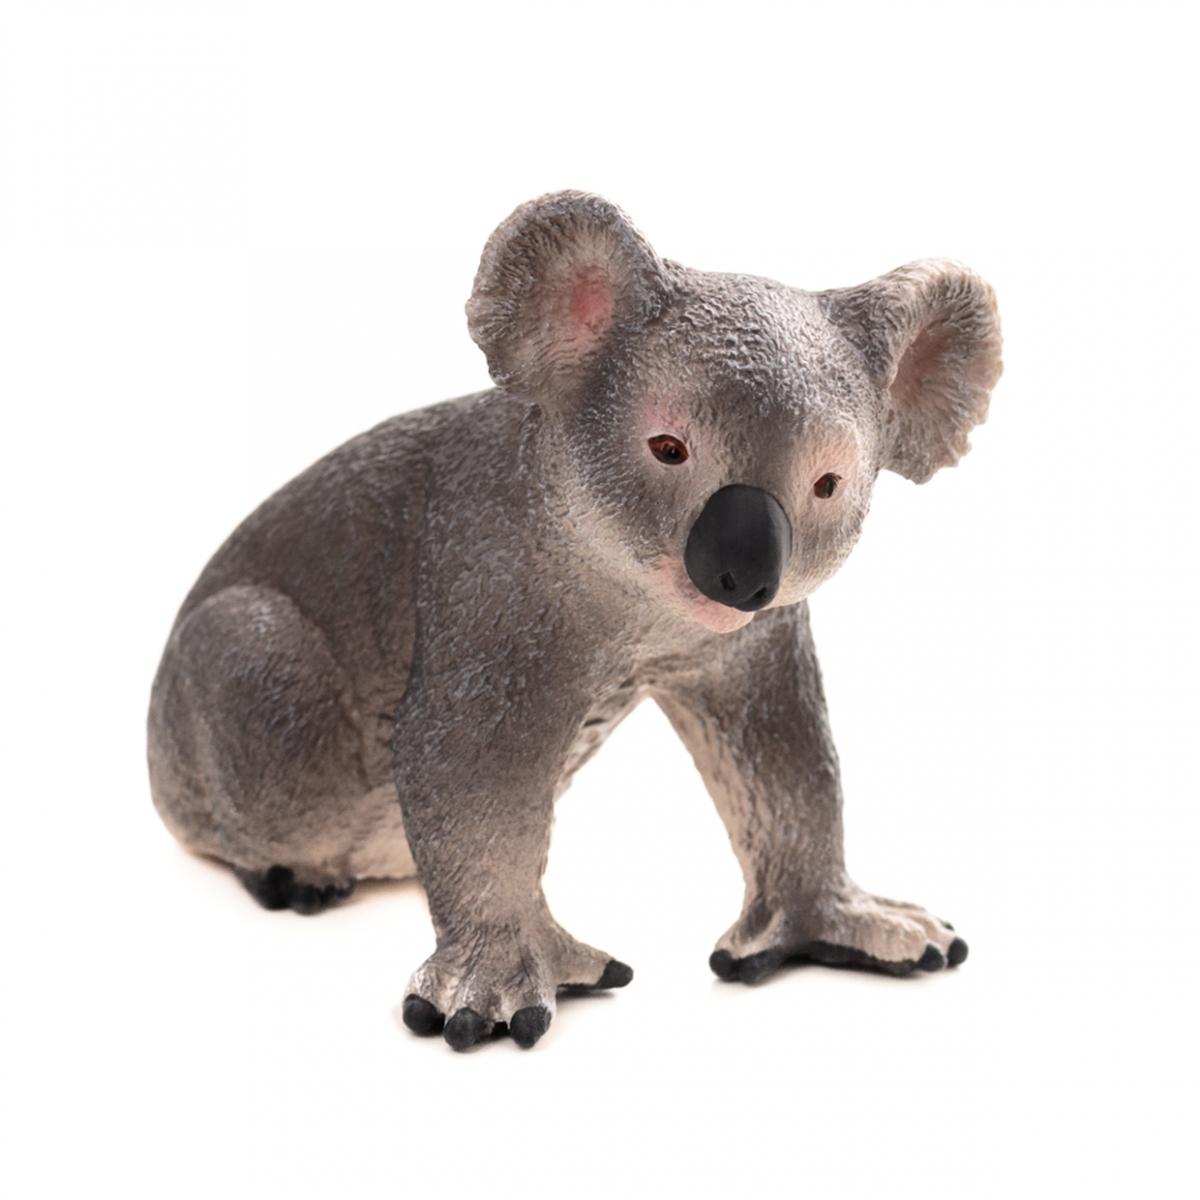 Imagen en la que se ve a un koala